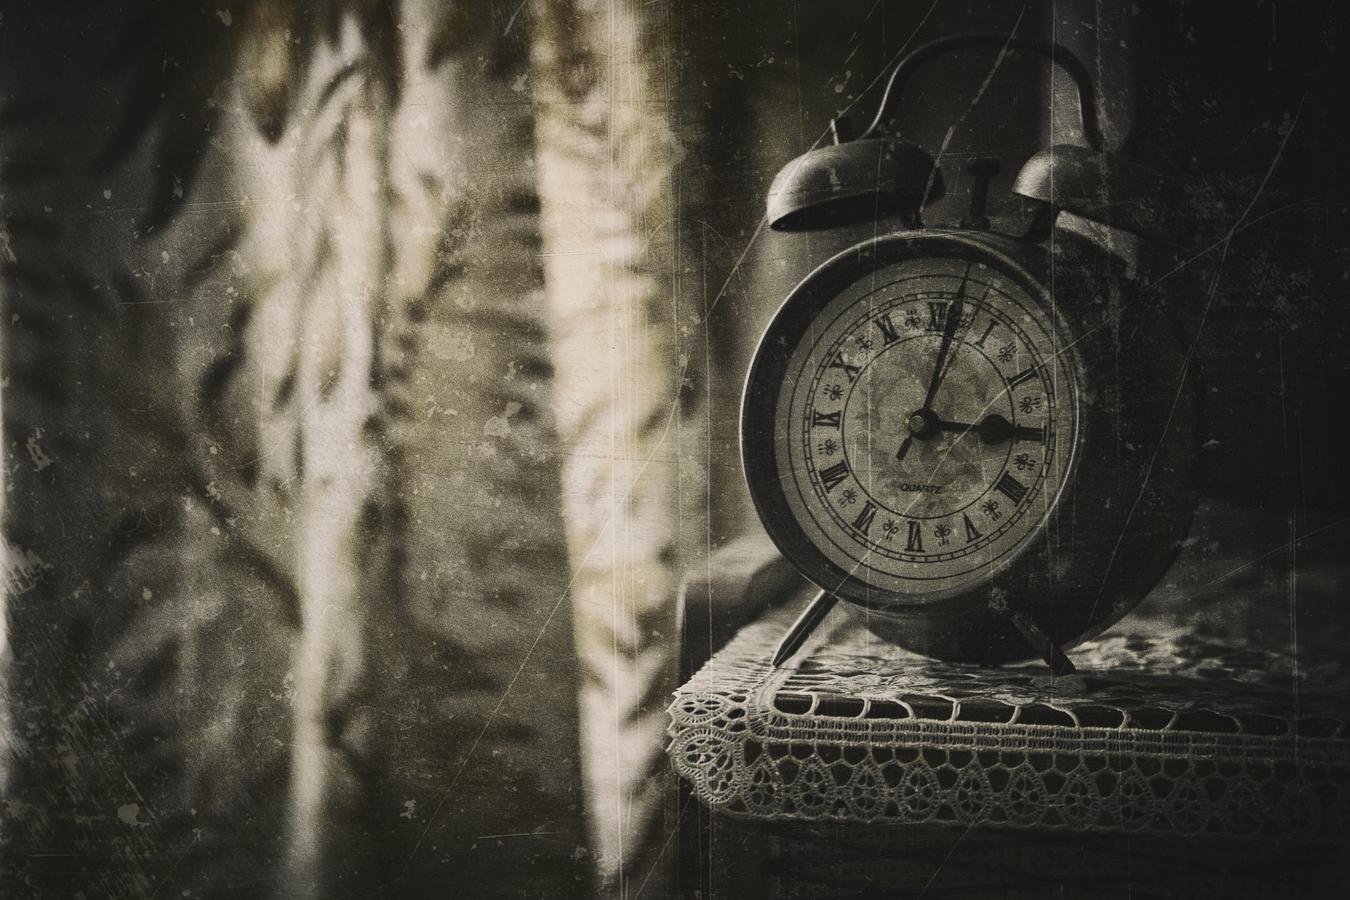 ...čas vypršel...